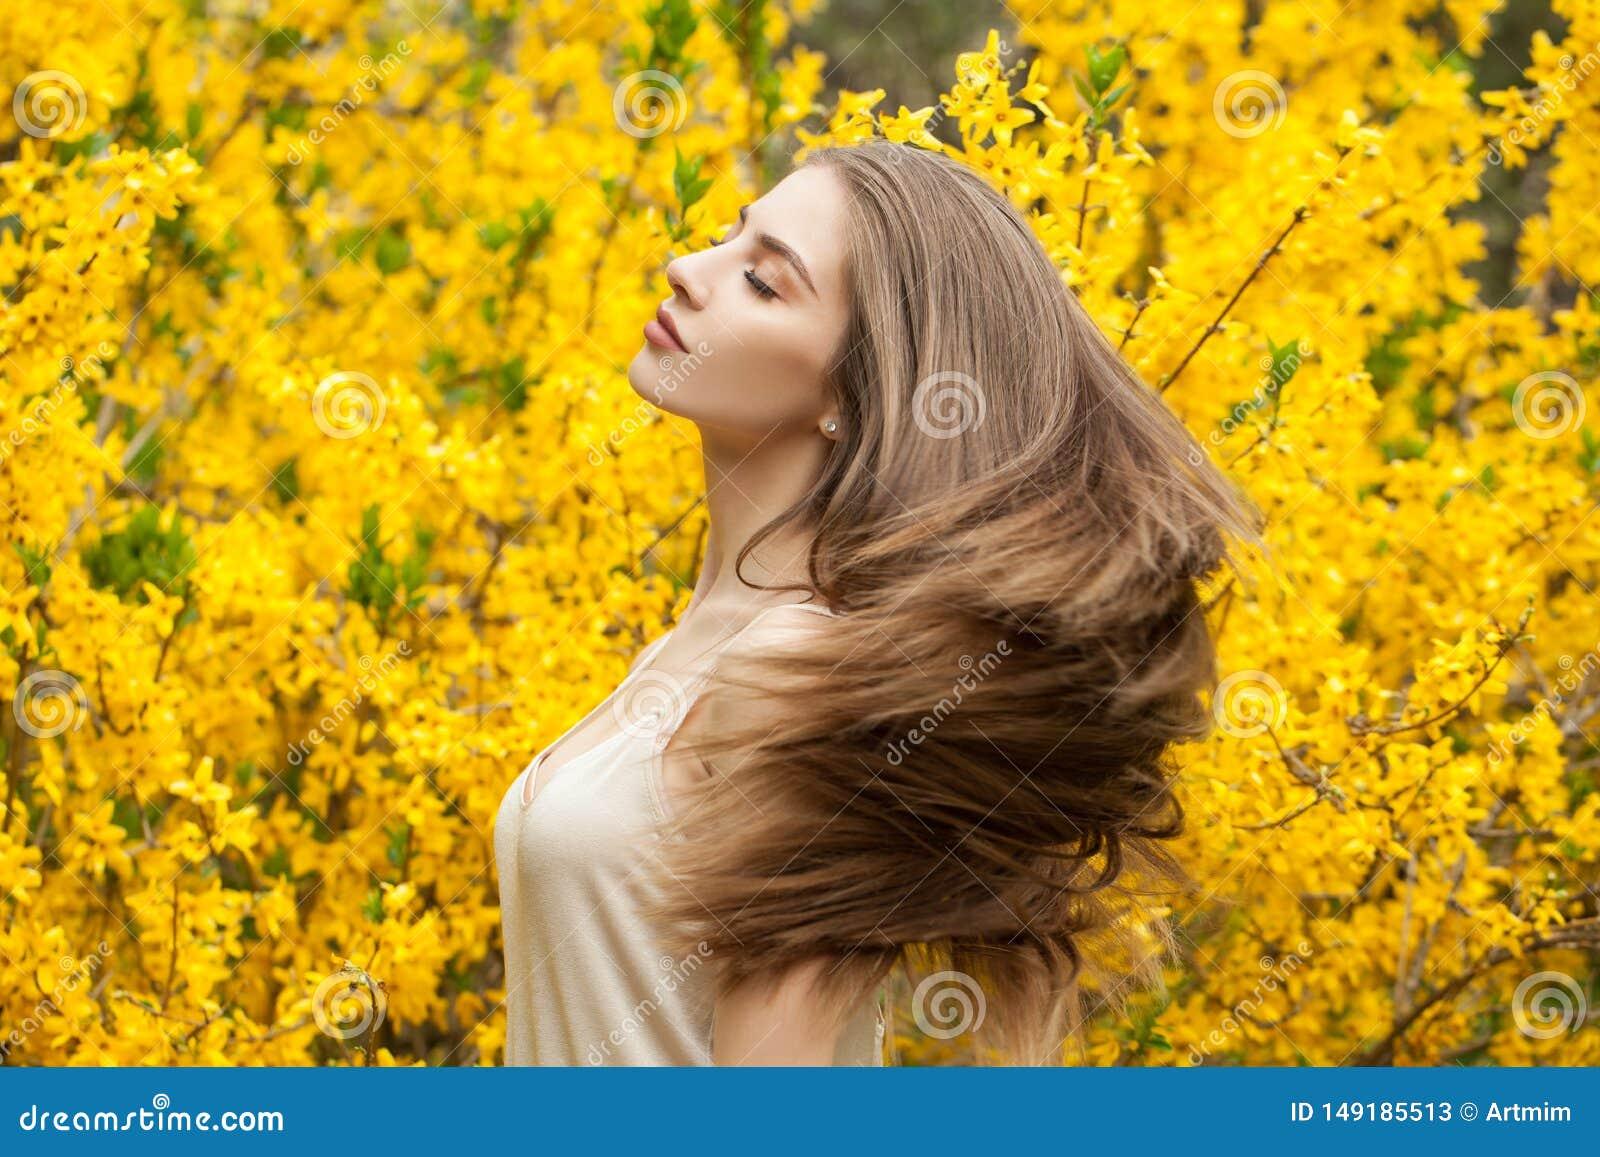 Kleurrijk portret van mooie vrouw in openlucht Vrolijk meisje op bloemenachtergrond